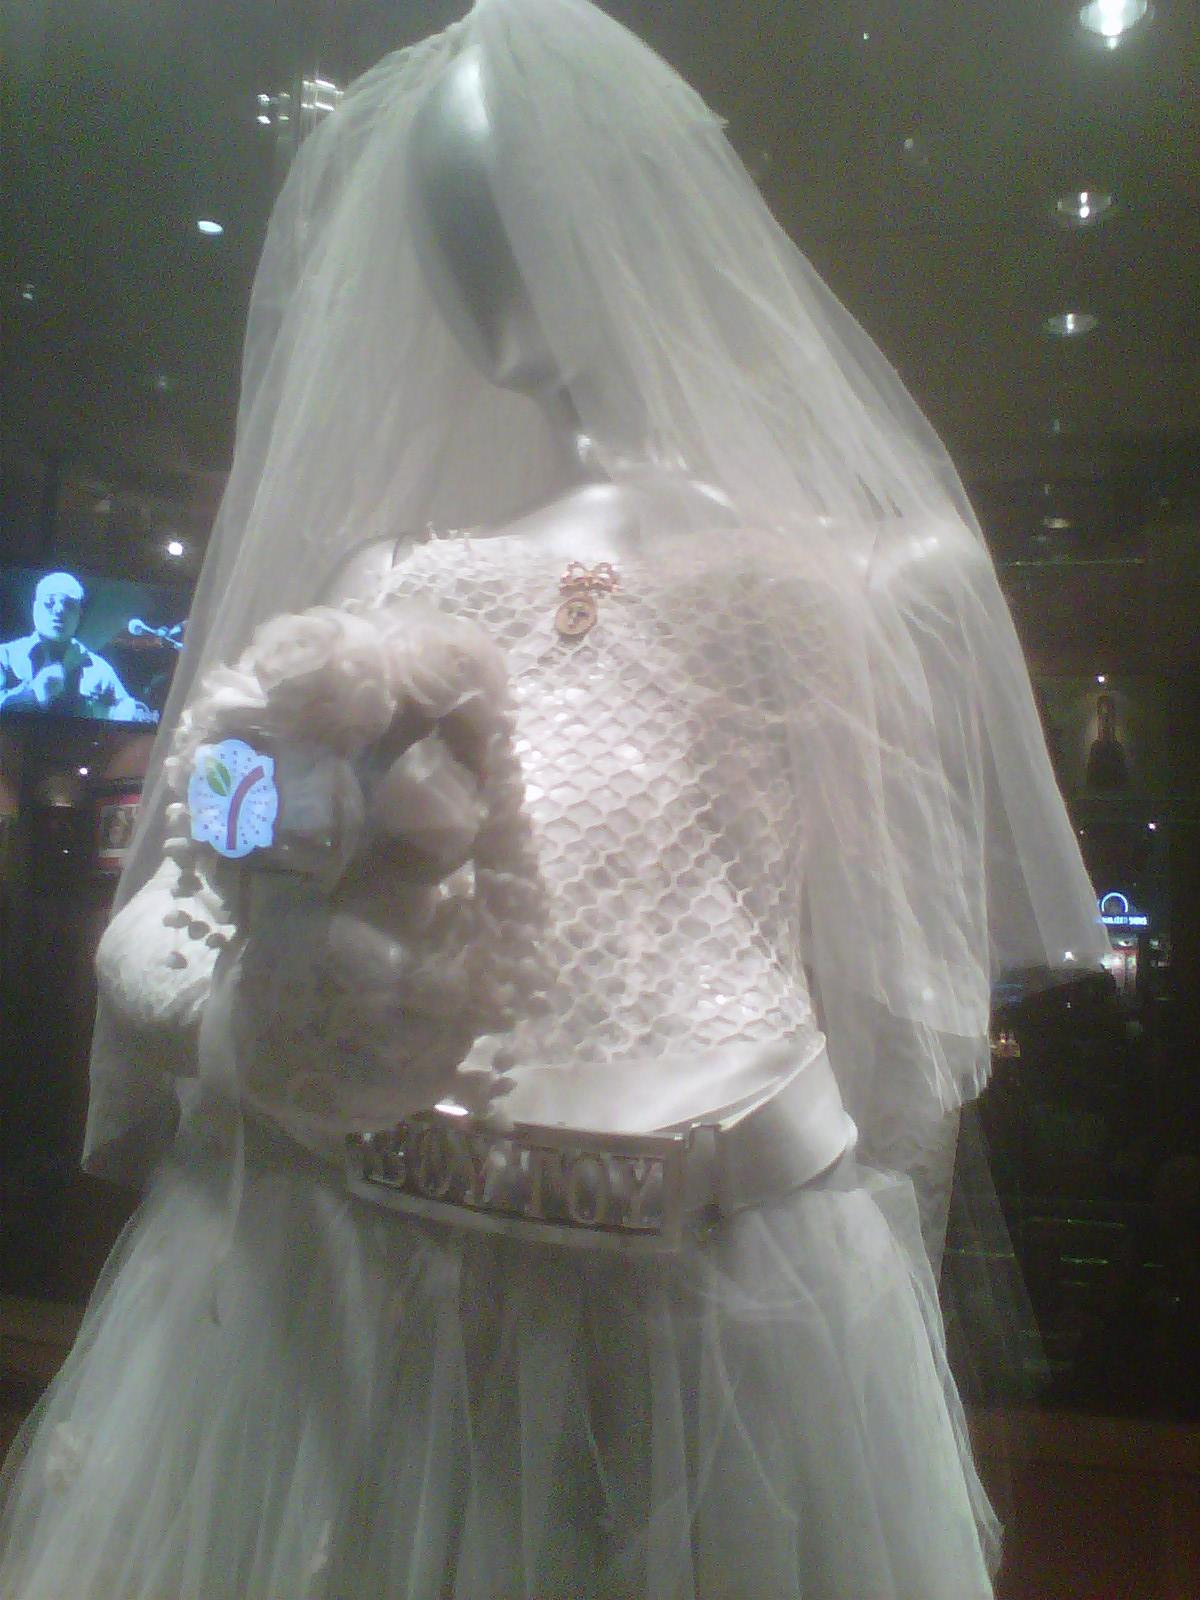 http://1.bp.blogspot.com/_38T64sfKt3Y/TMm497DO34I/AAAAAAAALKA/NqidxhVJYes/s1600/IMG01521-20101024-1906.jpg